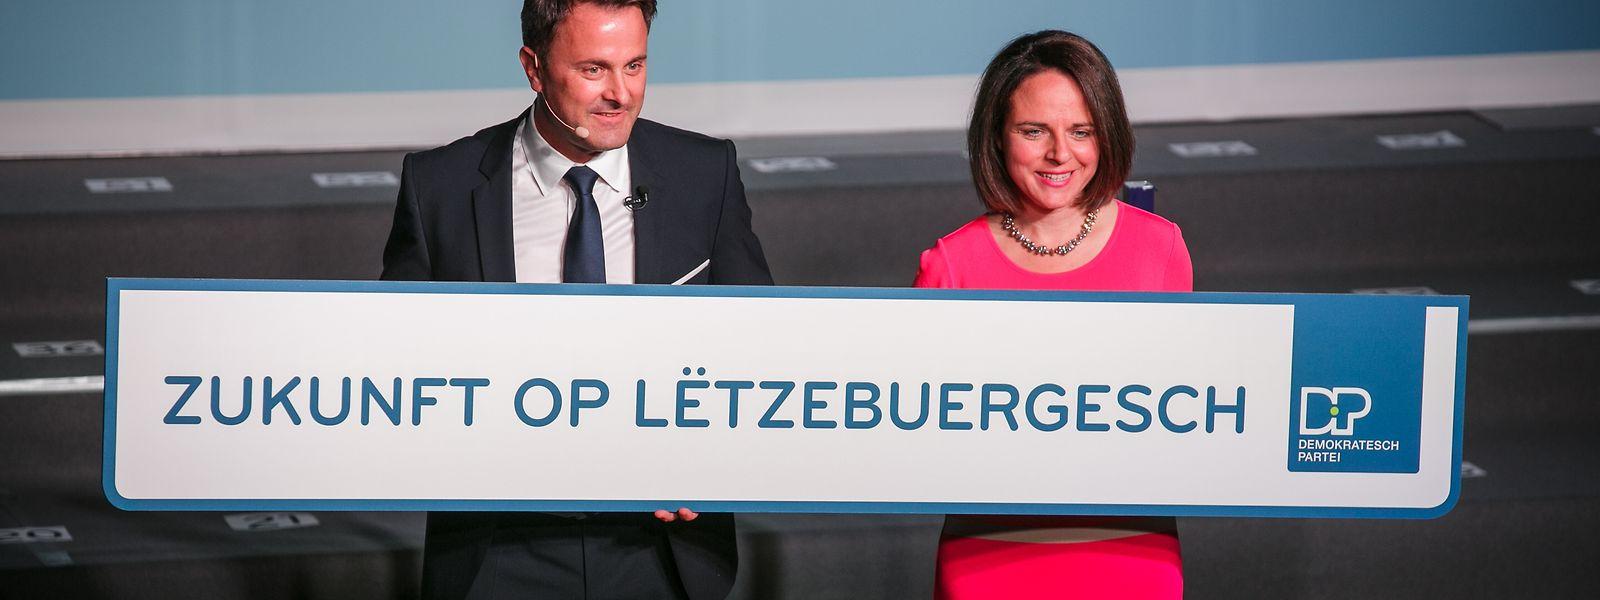 O slogan para as legislativas foi apresentado no final do mês de maio, mas a polémica só estalou com a aprovação do diploma para reforçar a língua luxemburguesa, na semana passada.